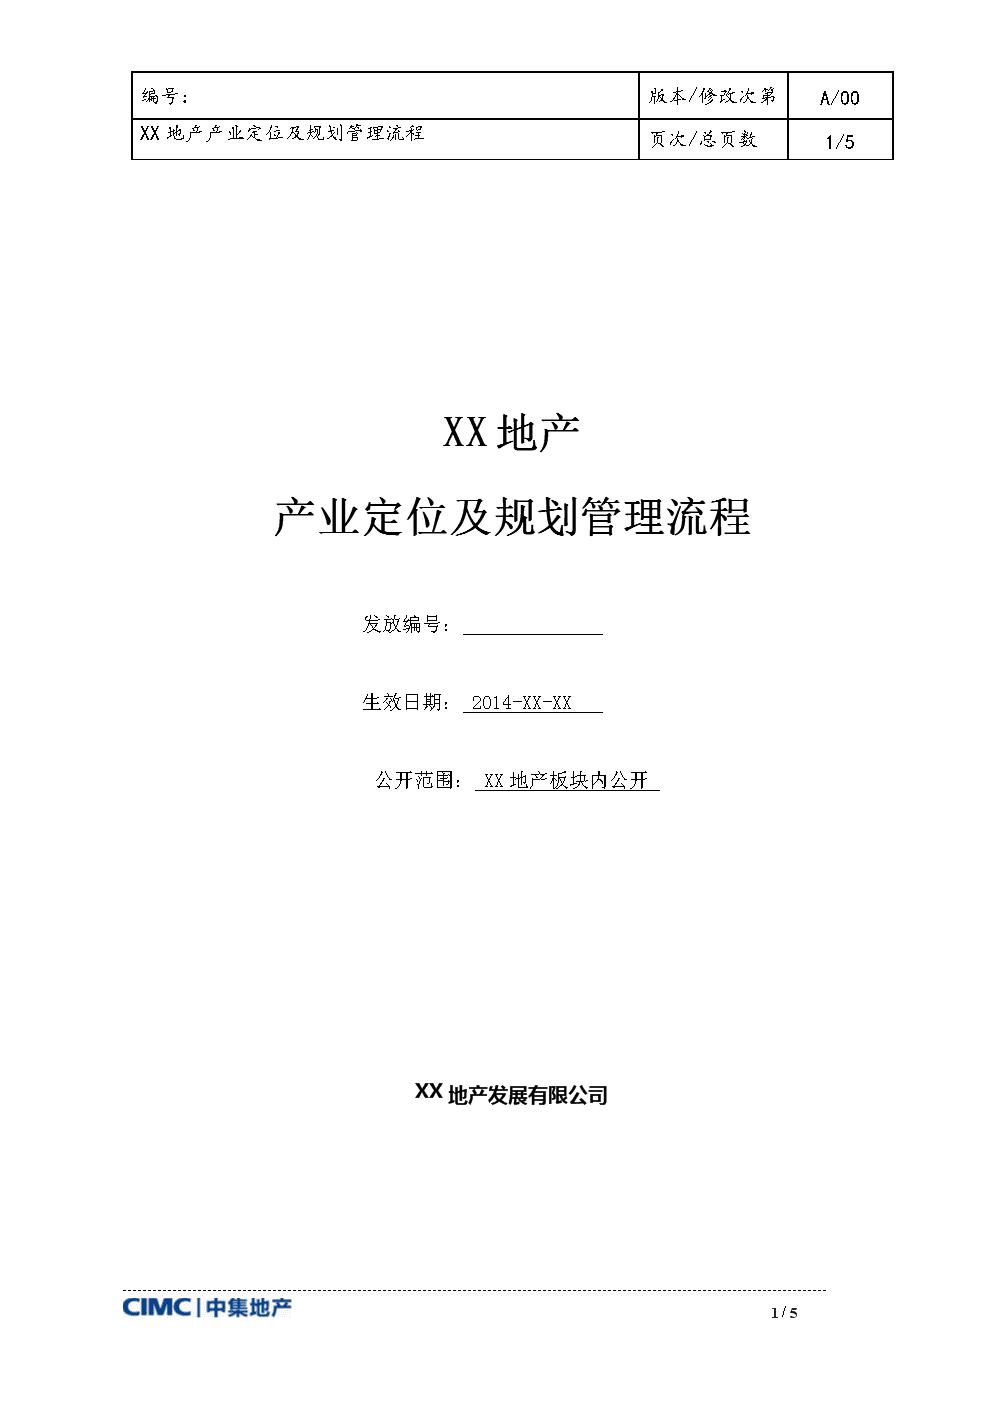 地产公司产业定位及规划管理流程.doc